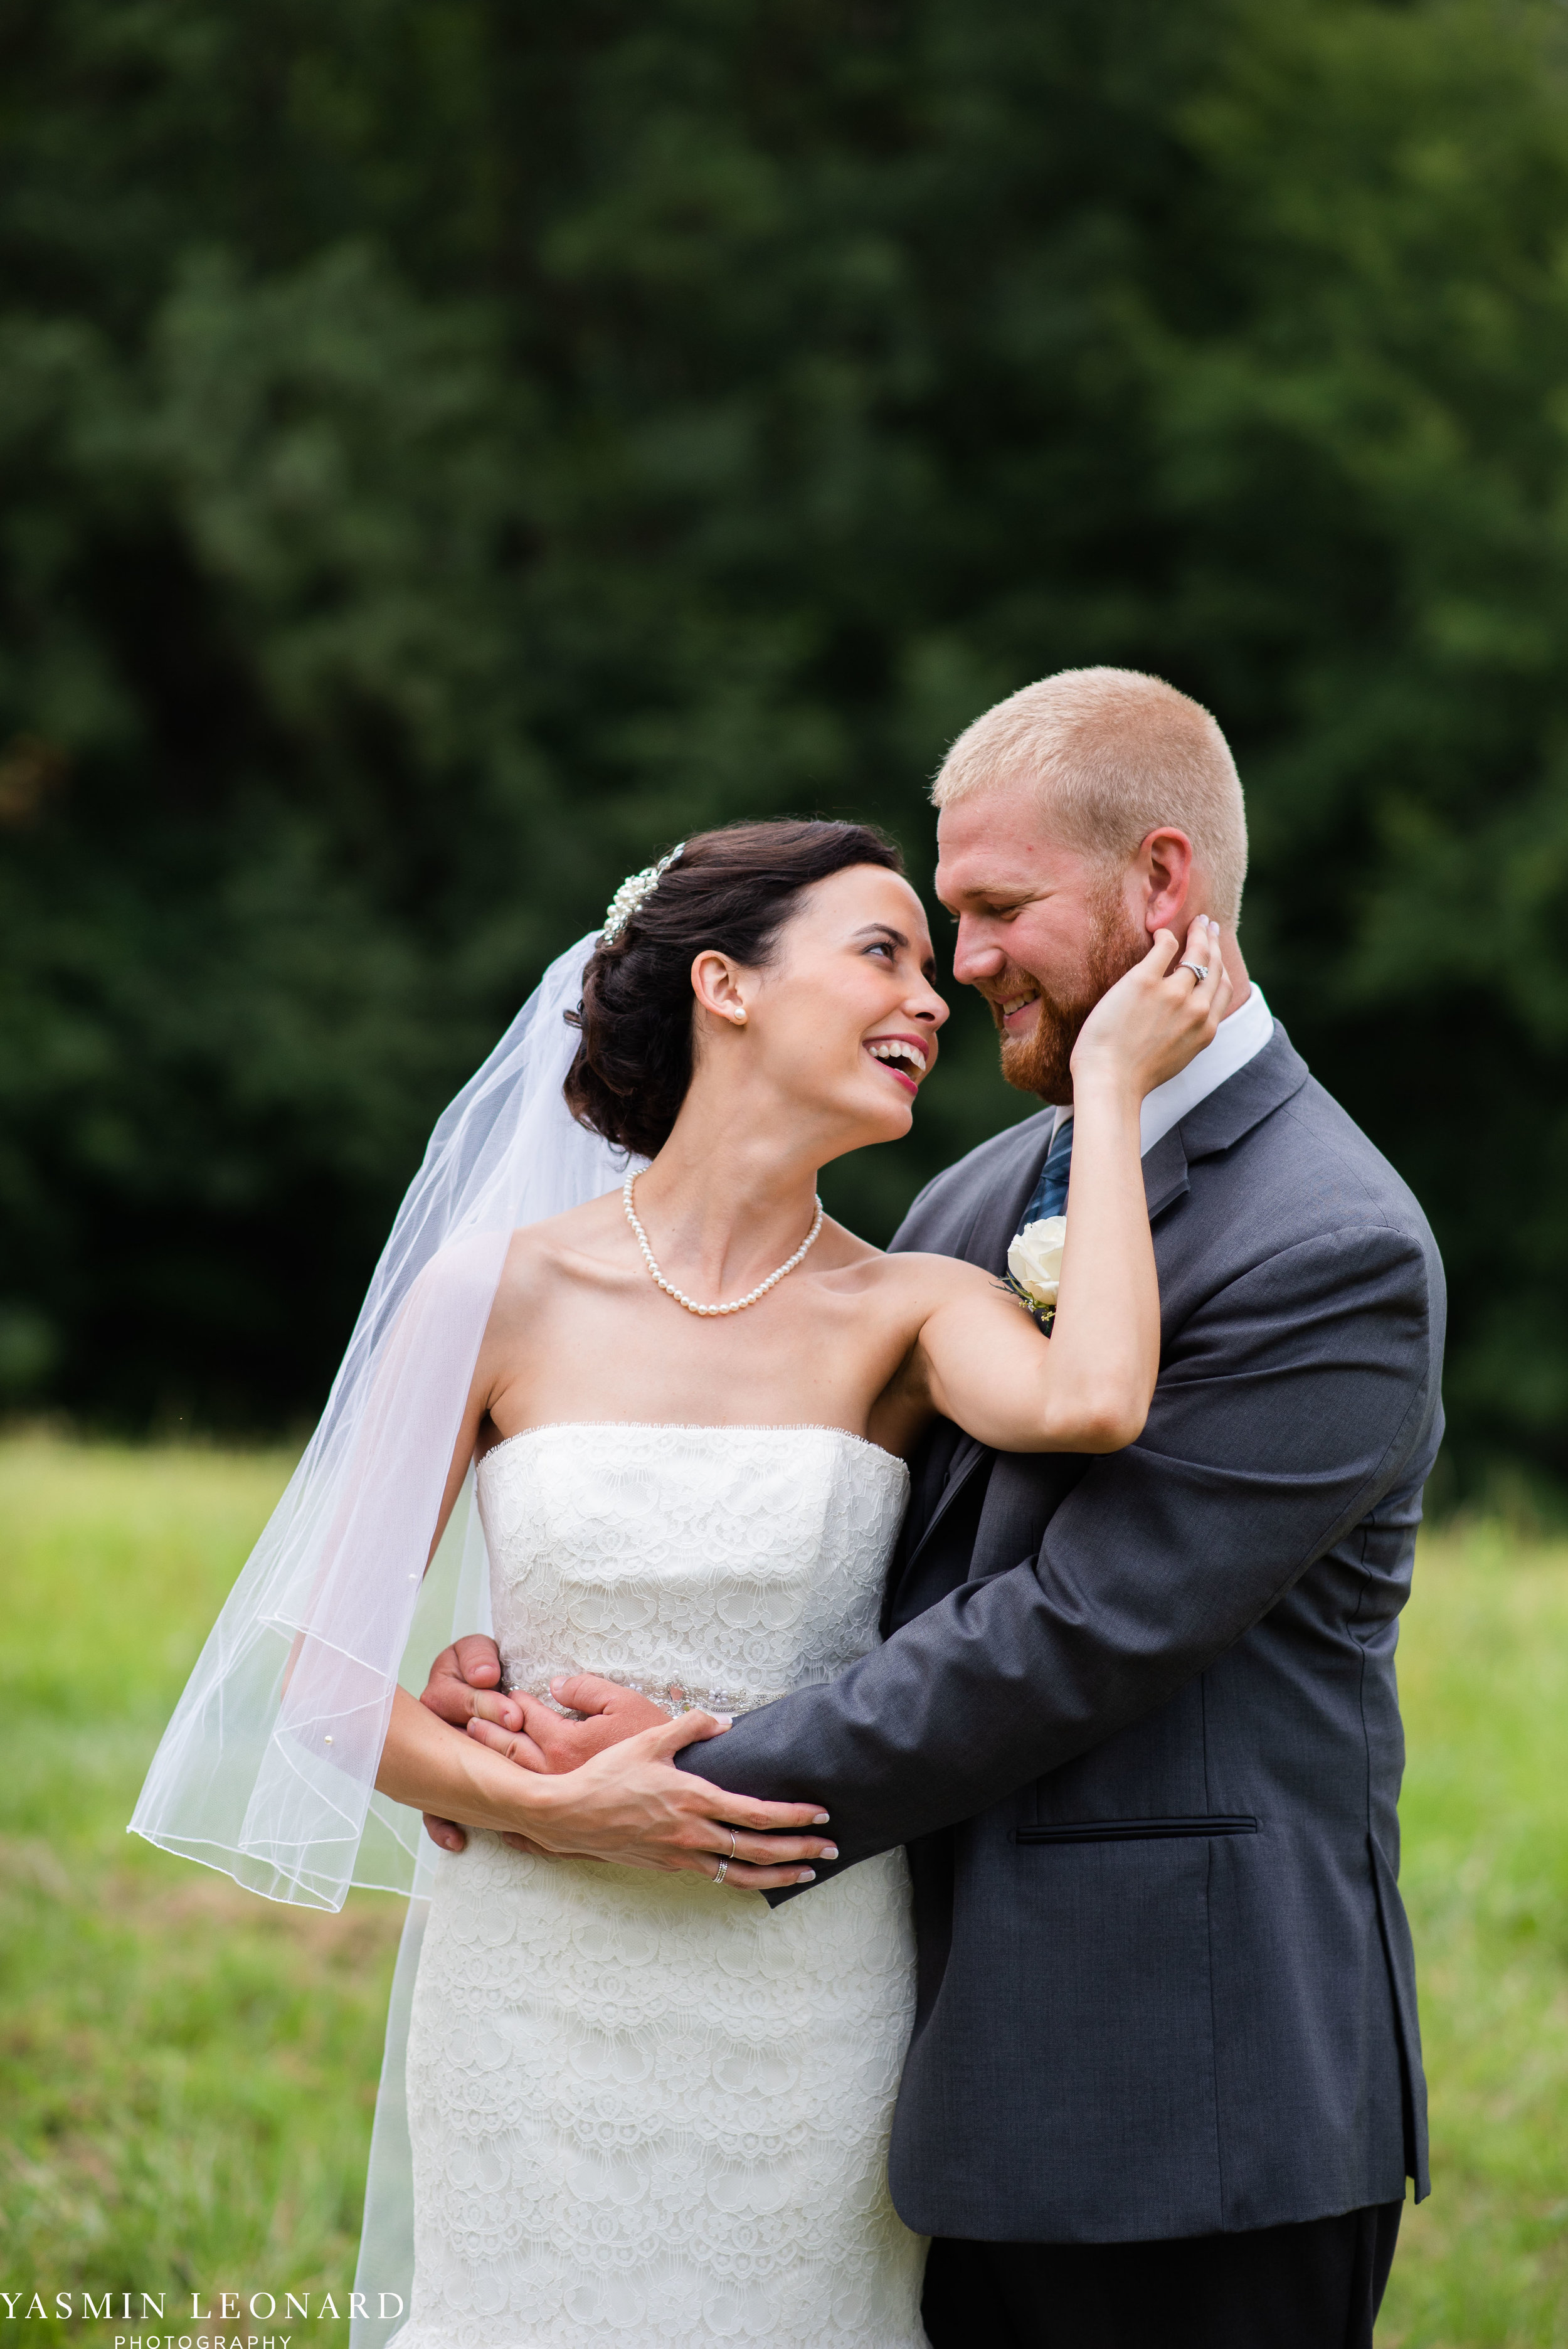 Mt. Pleasant Church - Church Wedding - Traditional Wedding - Church Ceremony - Country Wedding - Godly Wedding - NC Wedding Photographer - High Point Weddings - Triad Weddings - NC Venues-32.jpg